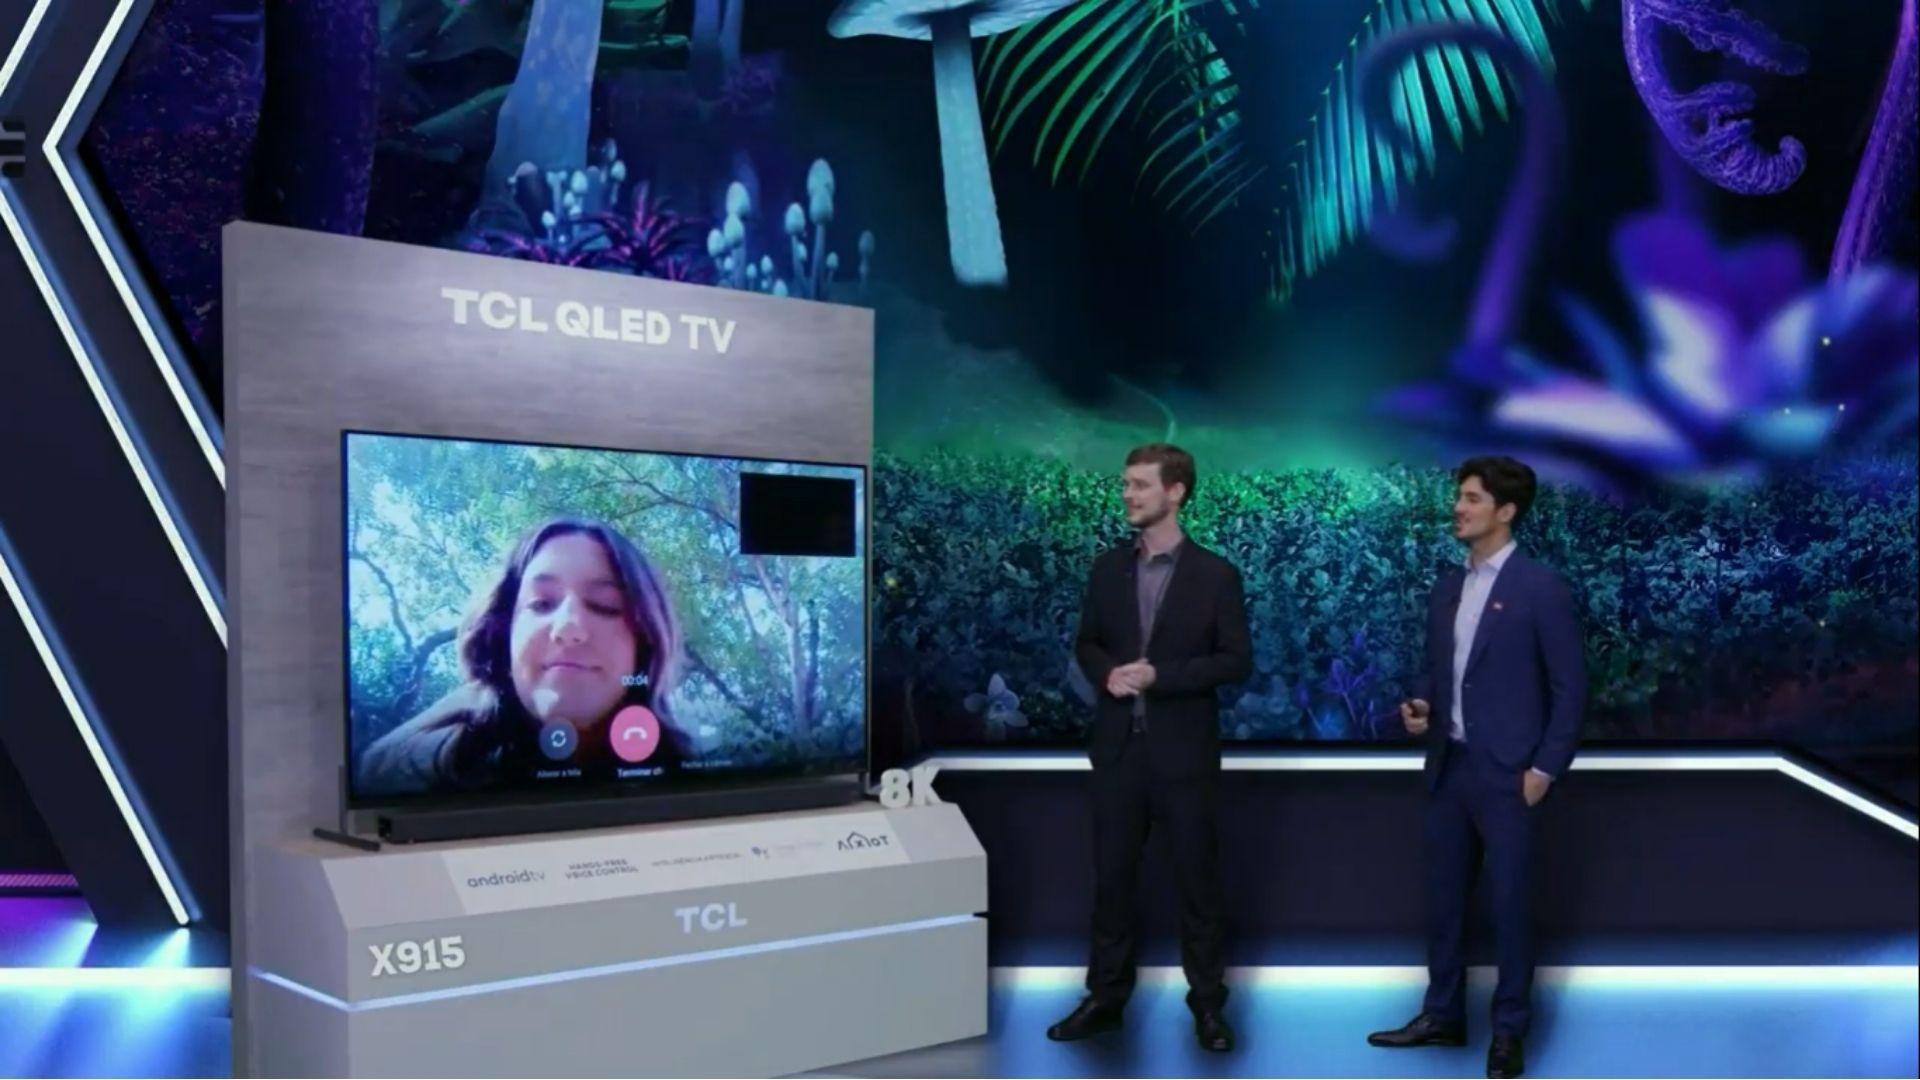 TV TCL X915 vem com câmera embutida e retrátil para fazer vídeos chamadas através do próprio aparelho. (Imagem: Reprodução/TCL)